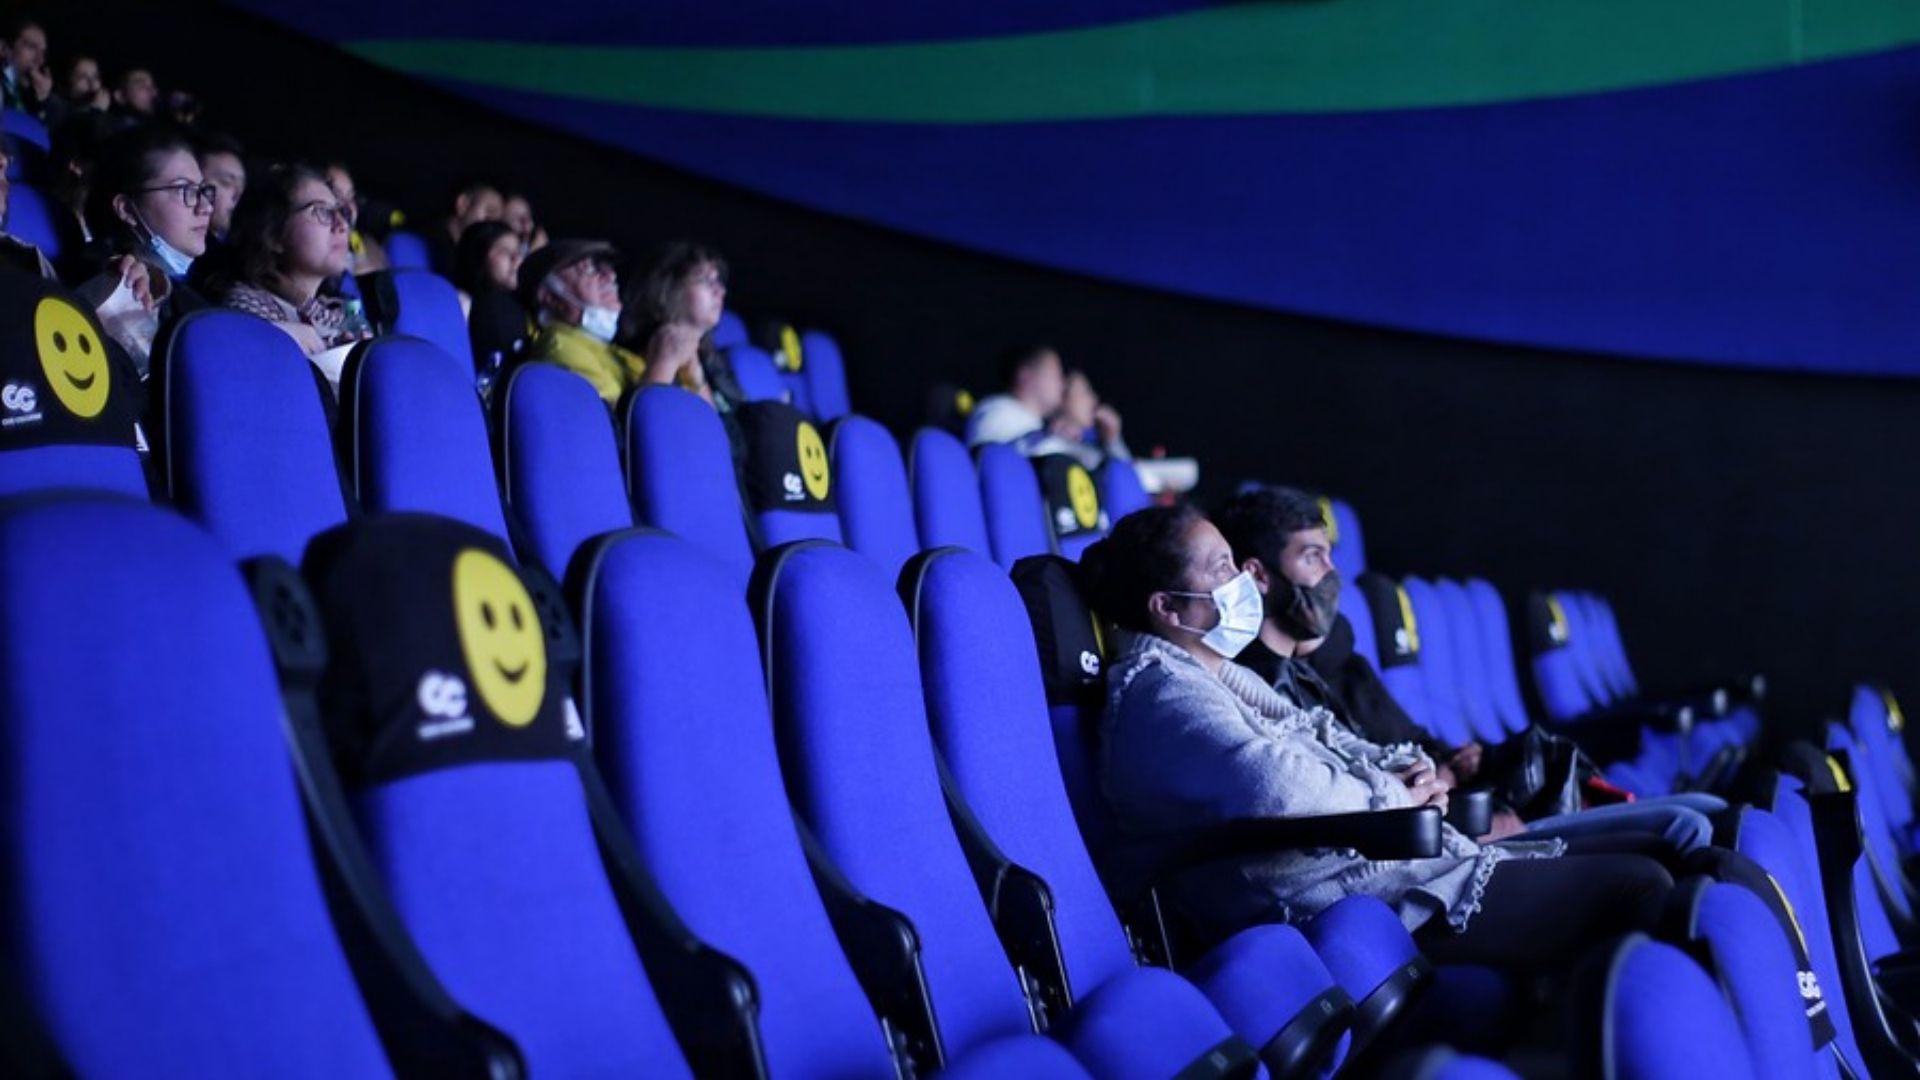 Reapertura de Cine Colombia en el Centro Comercial Portal 80. (Colprensa - Álvaro Tavera)